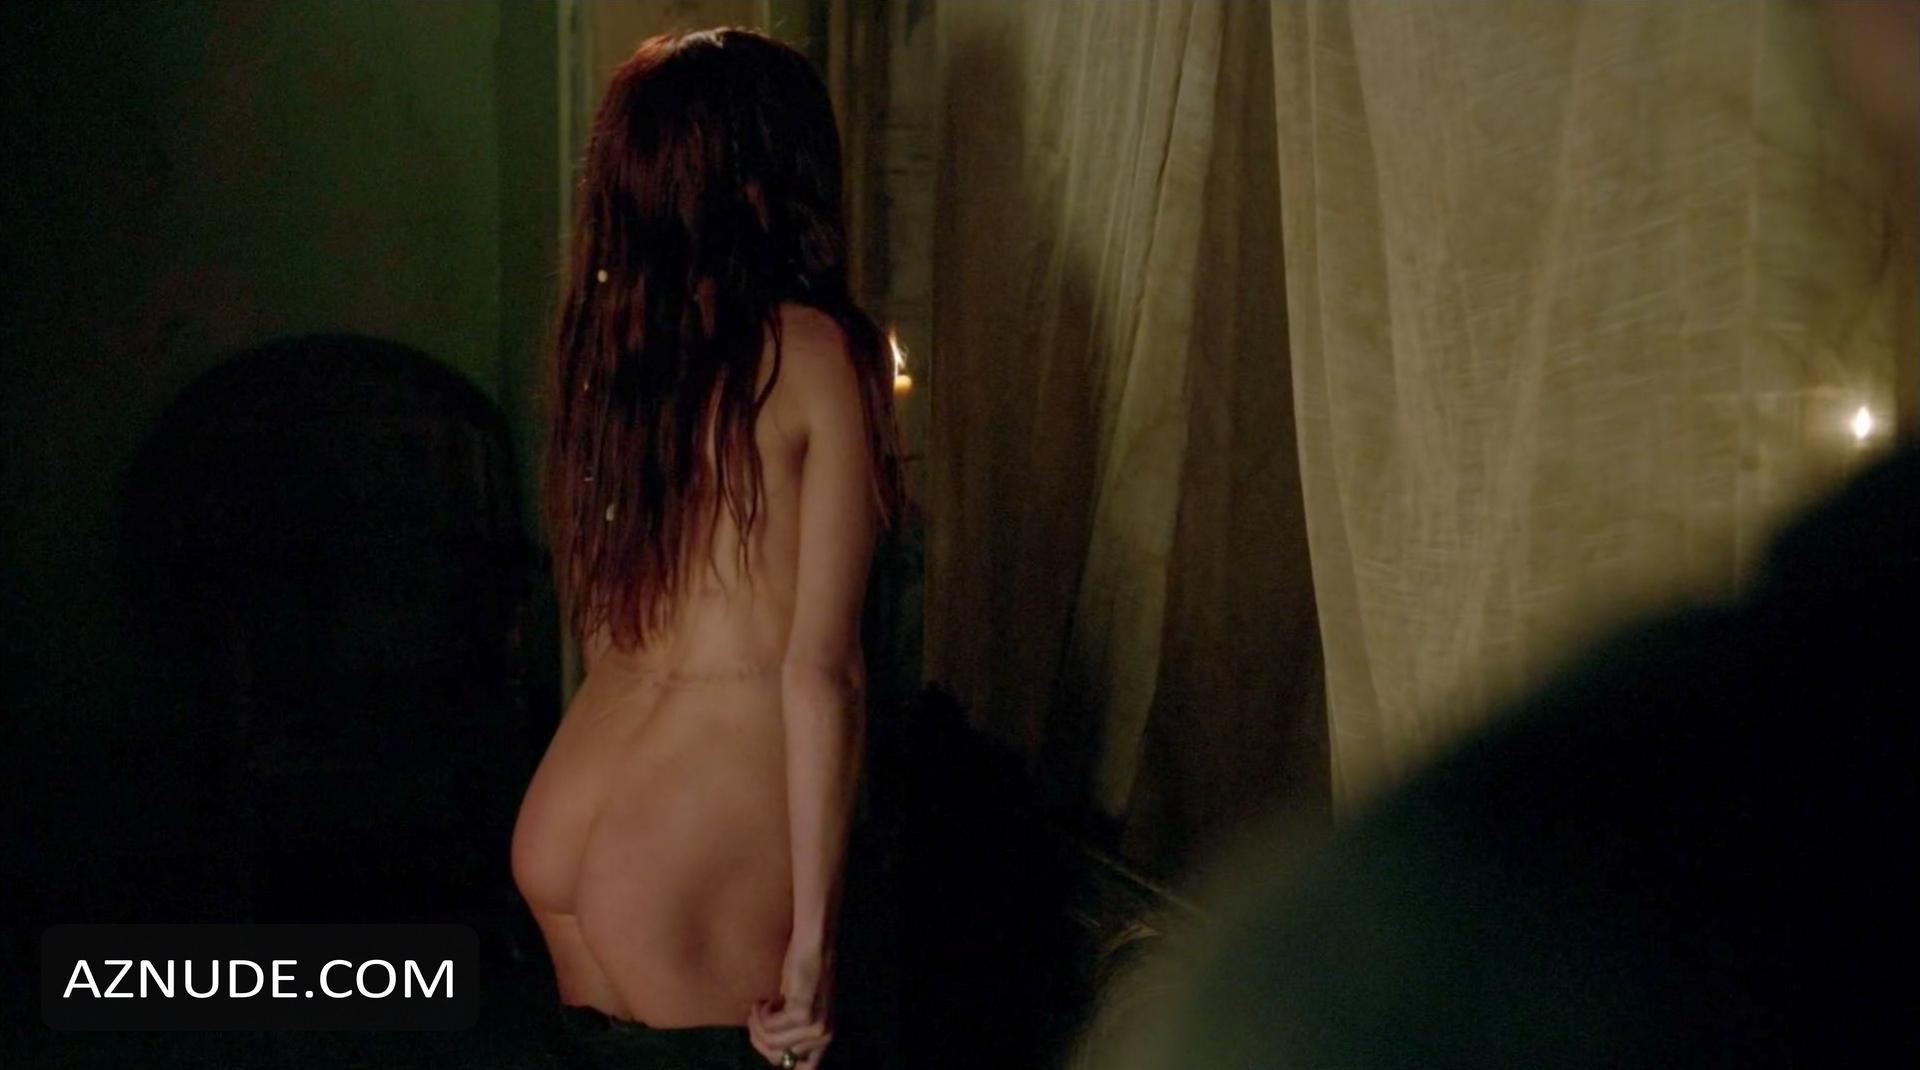 clara paget naked